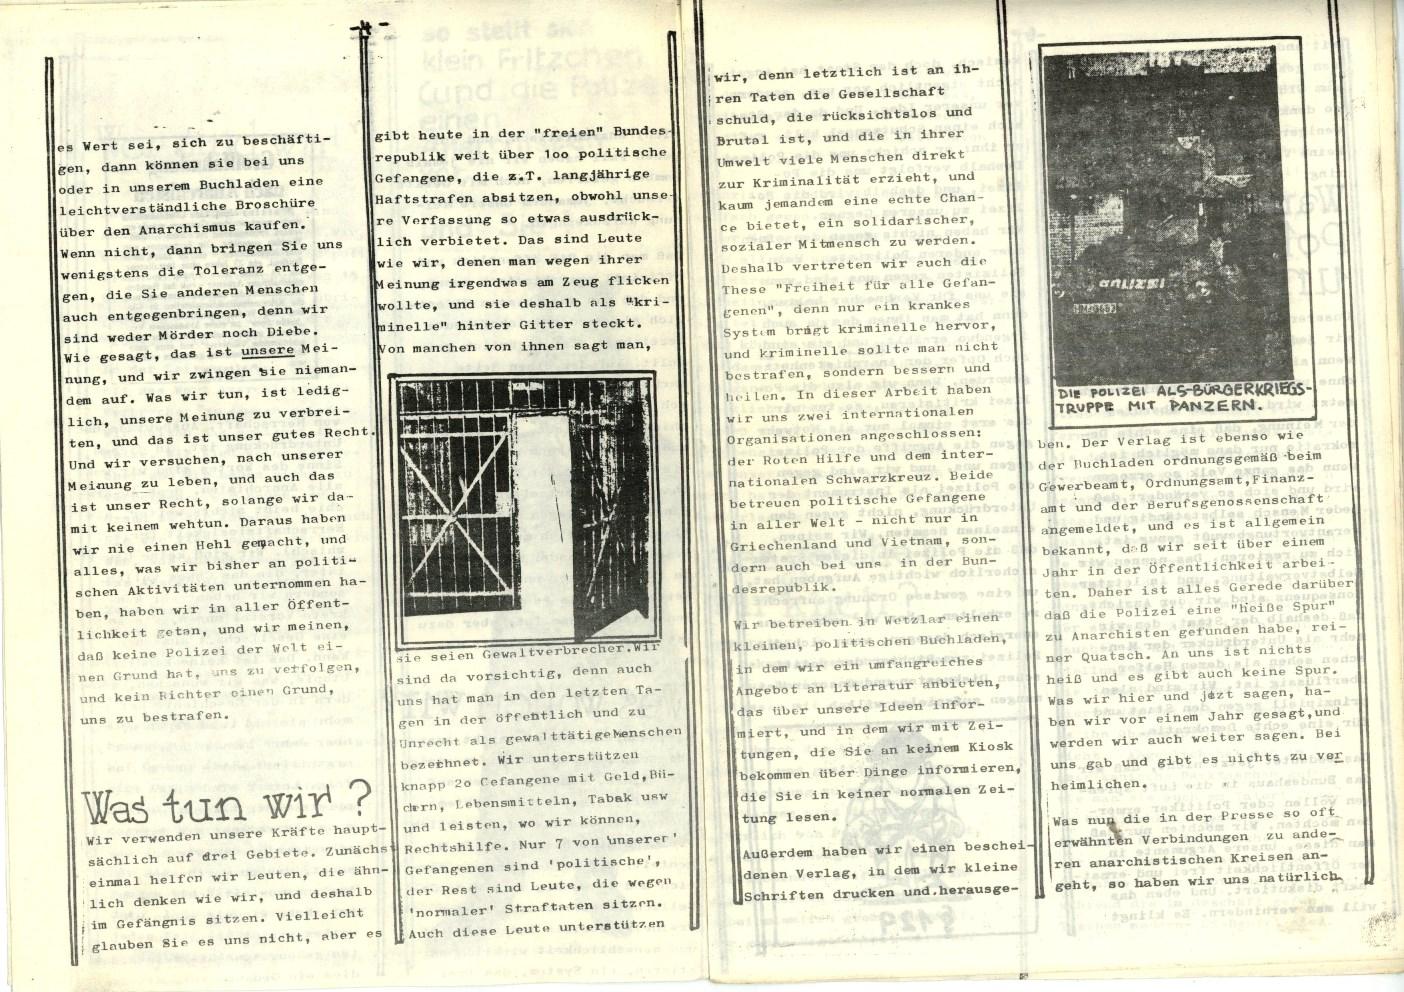 Wetzlar_RH_SK_Nachrichten_1973_02_03